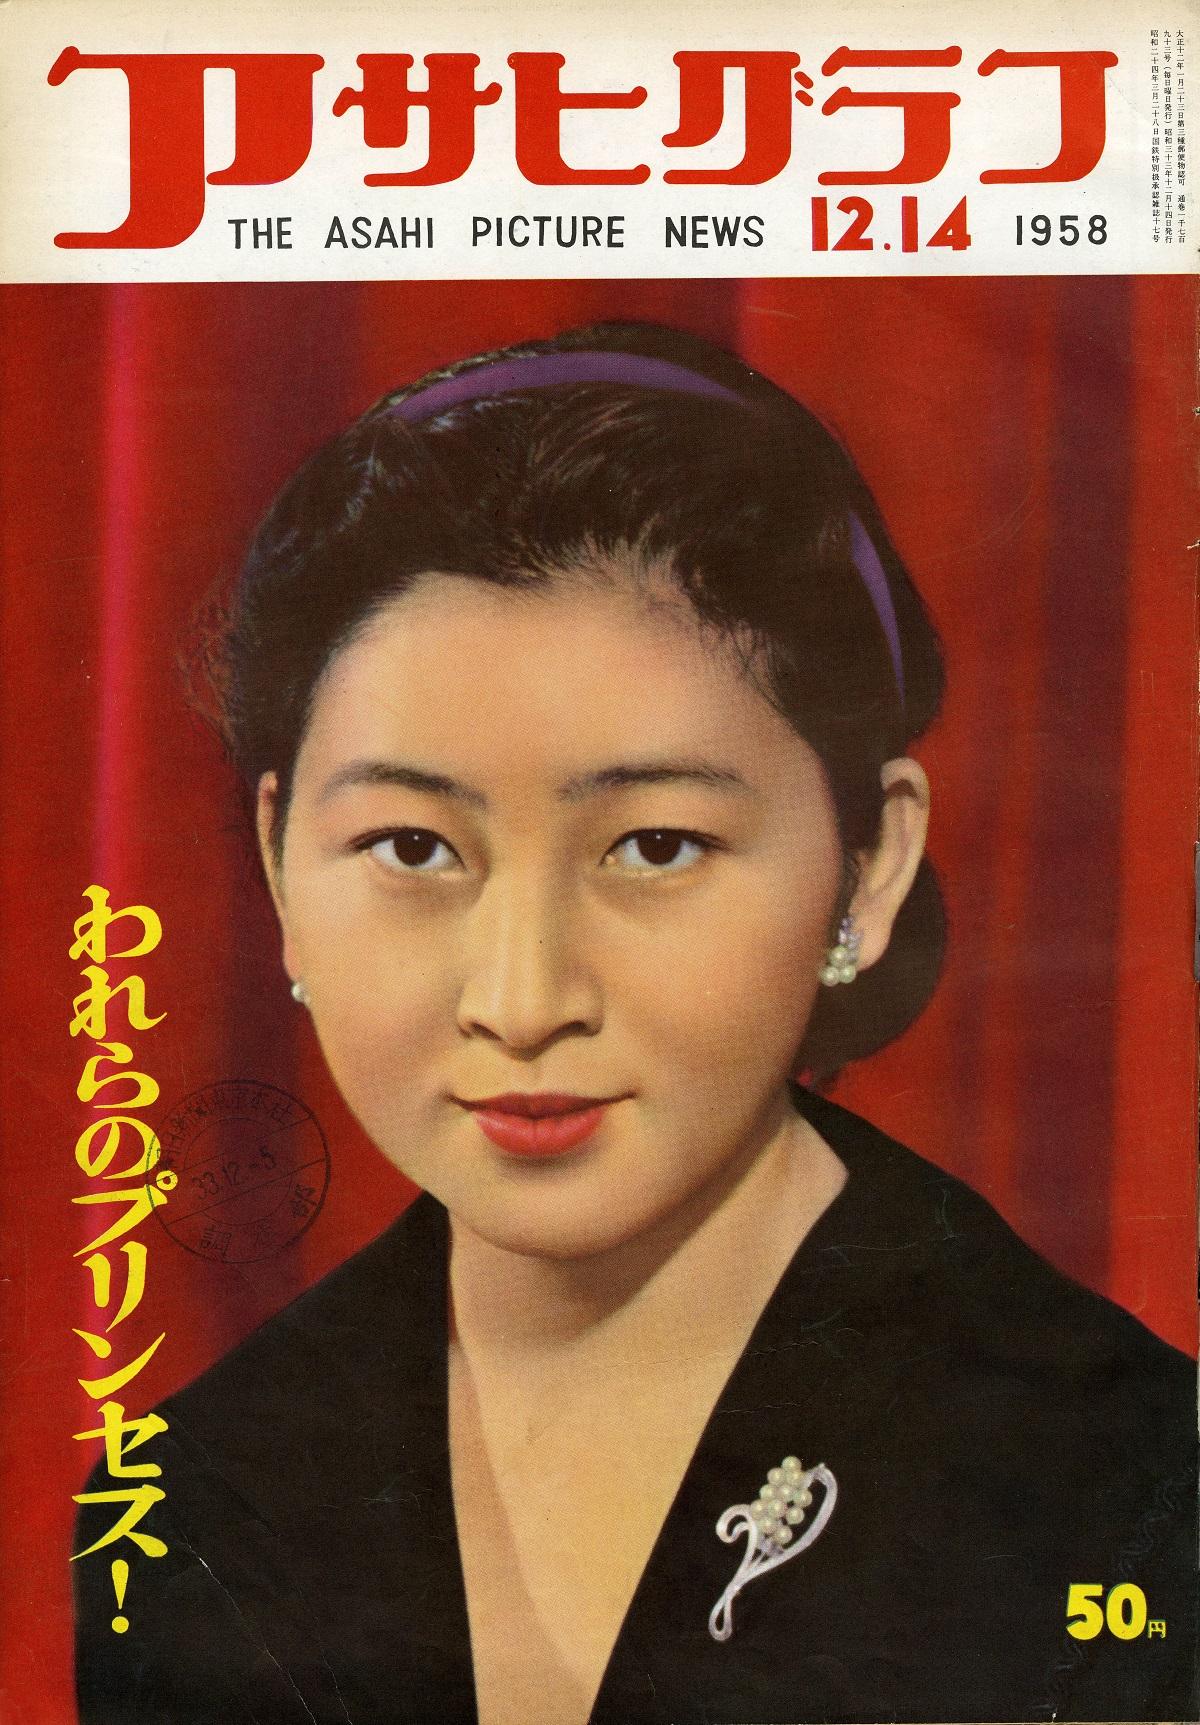 写真・図版 : 先端的な写真週刊誌としてイケイケだった頃の「アサヒグラフ」。正田美智子さま(現・上皇后)を表紙にした1958年12月14日号